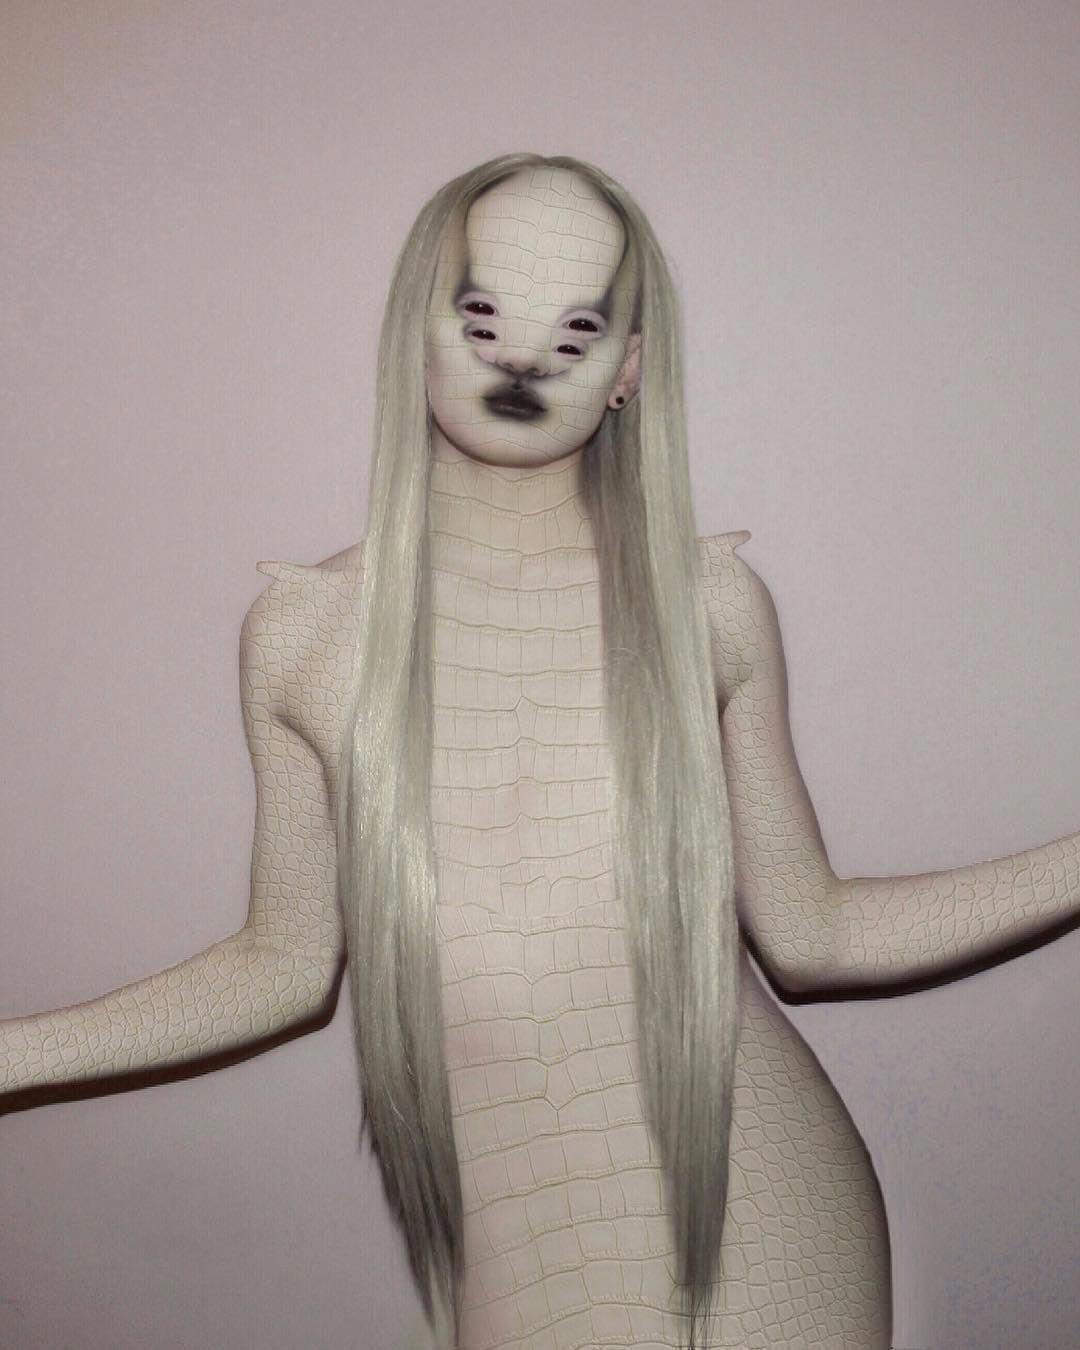 Сальвия – человек с неопределённым полом, Сальвия драг-квин